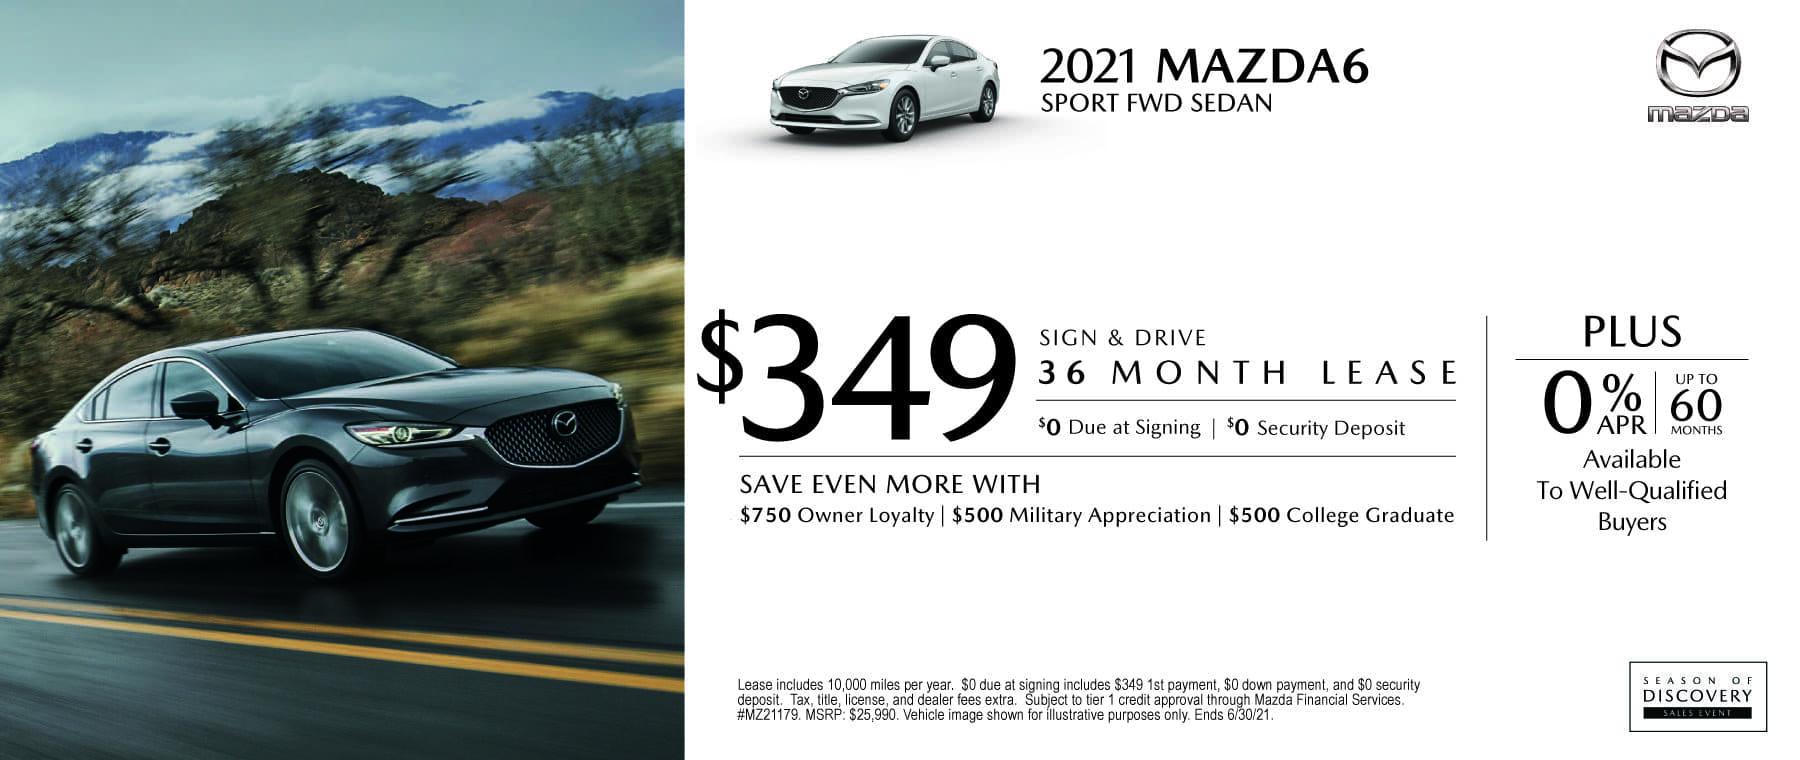 June-2021-Mazda-CS-Slides_Mazda6-0-Down-2